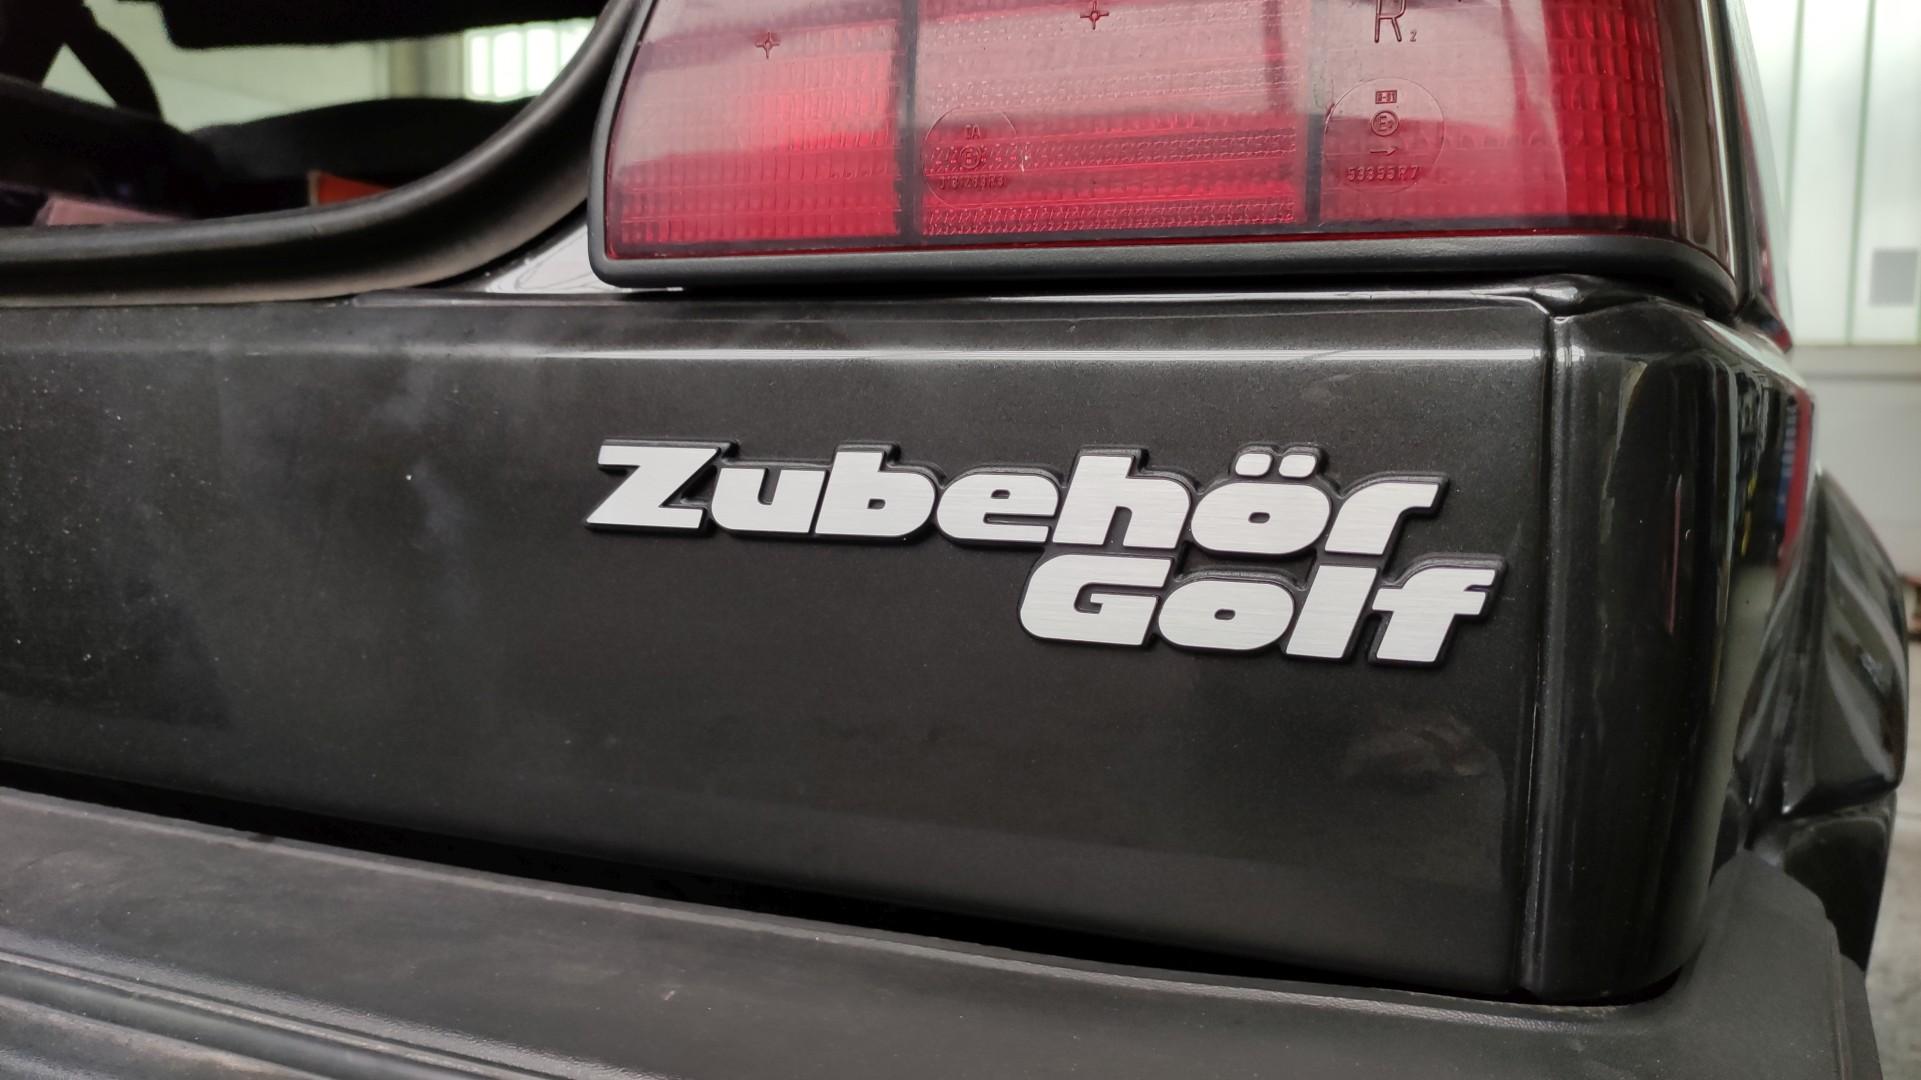 Zubehoer_Golf_2021-01-A06.jpg